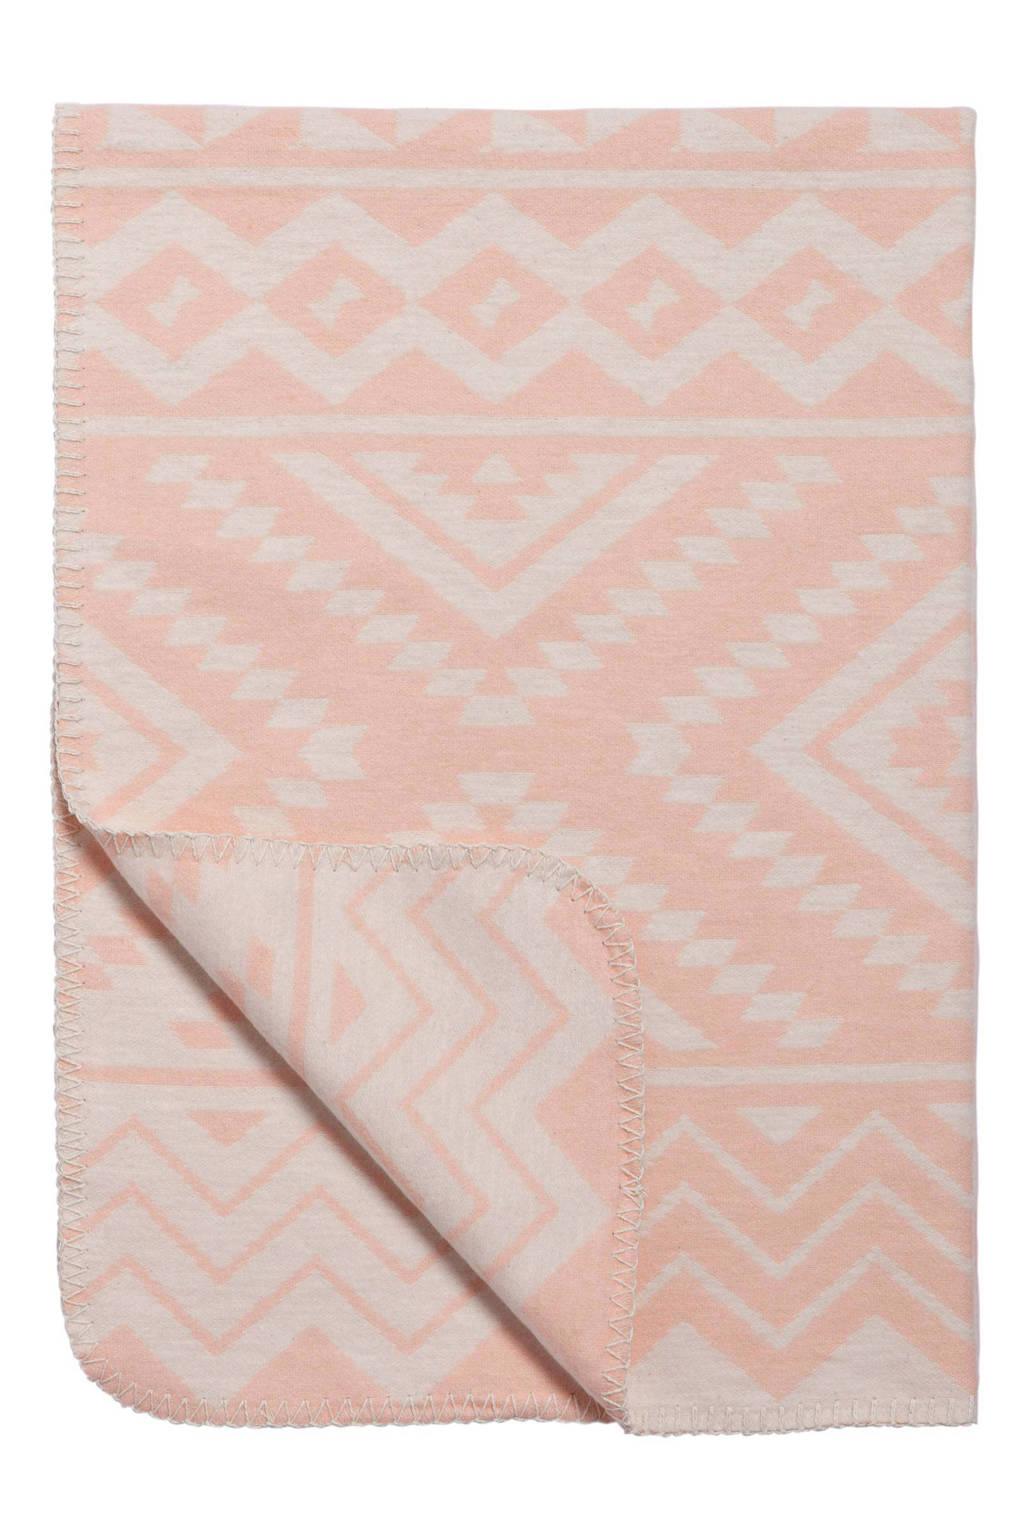 Meyco Ethnic ledikantdeken 120x150 cm perzik, Perzik